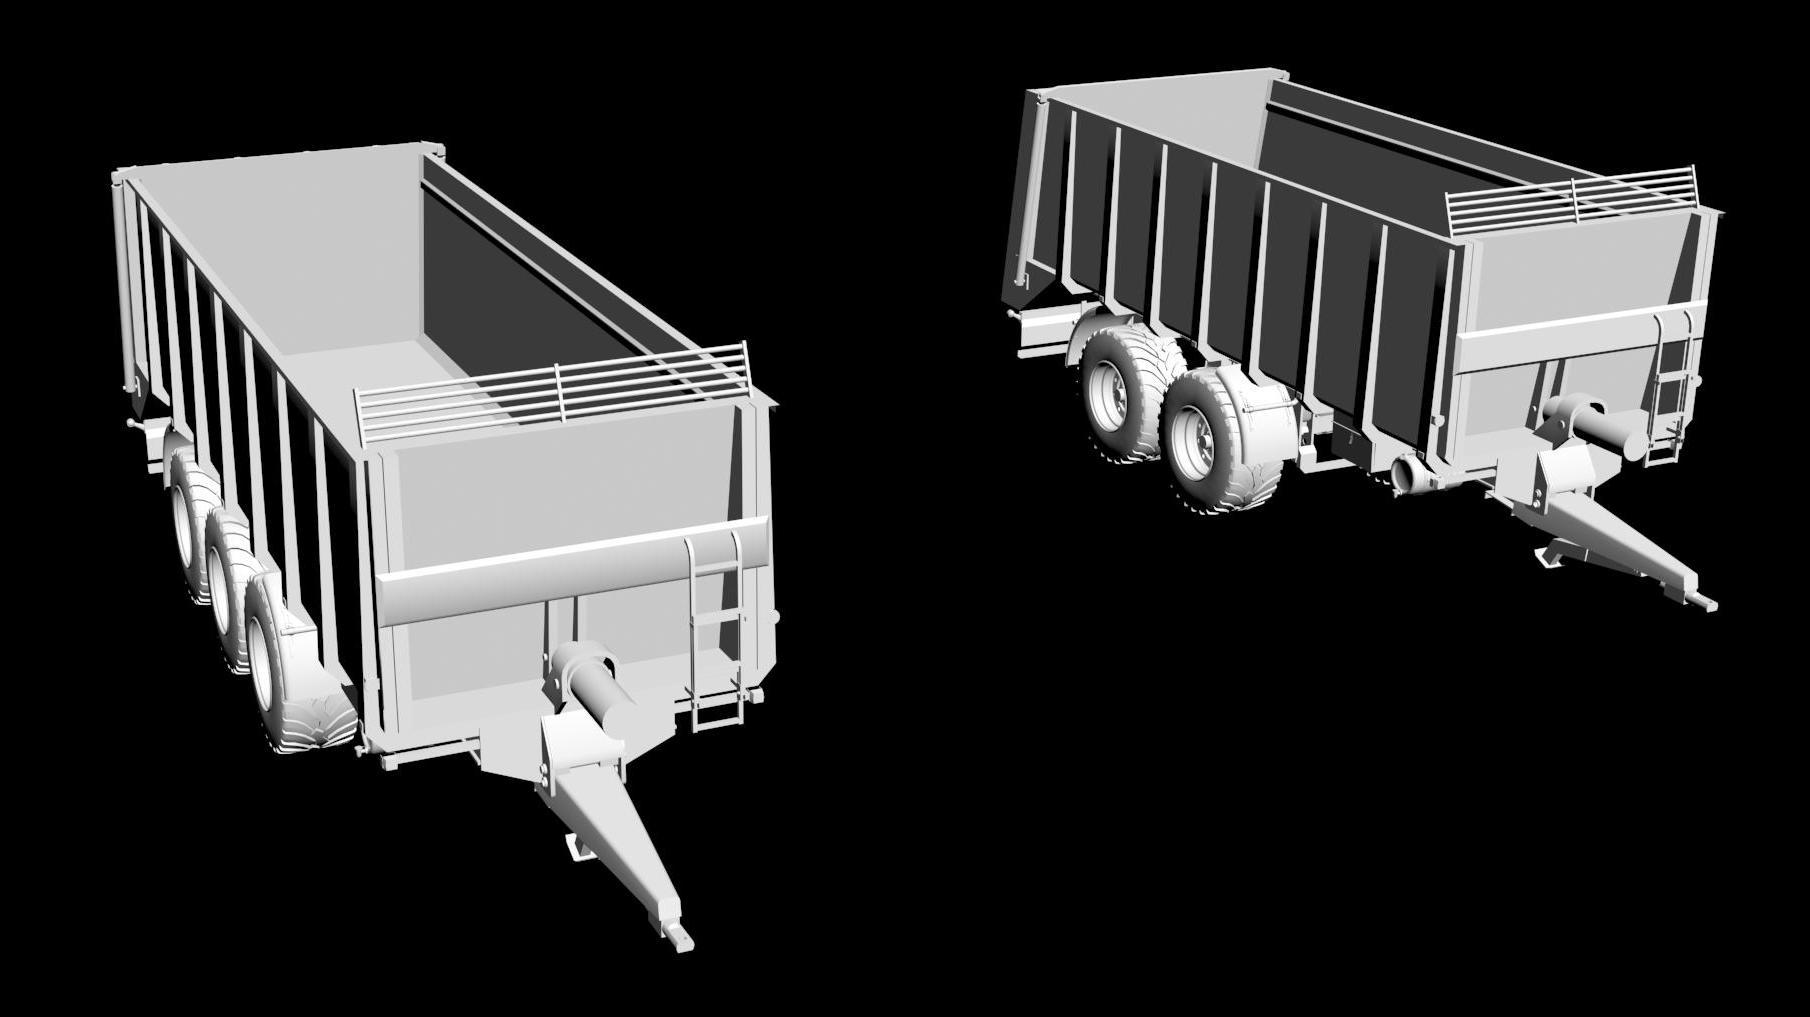 [Encuesta][T.E.P.] Proyecto Aguas Tenias (22 modelos + 1 Camión) [Terminado 21-4-2014]. - Página 4 38w9c31